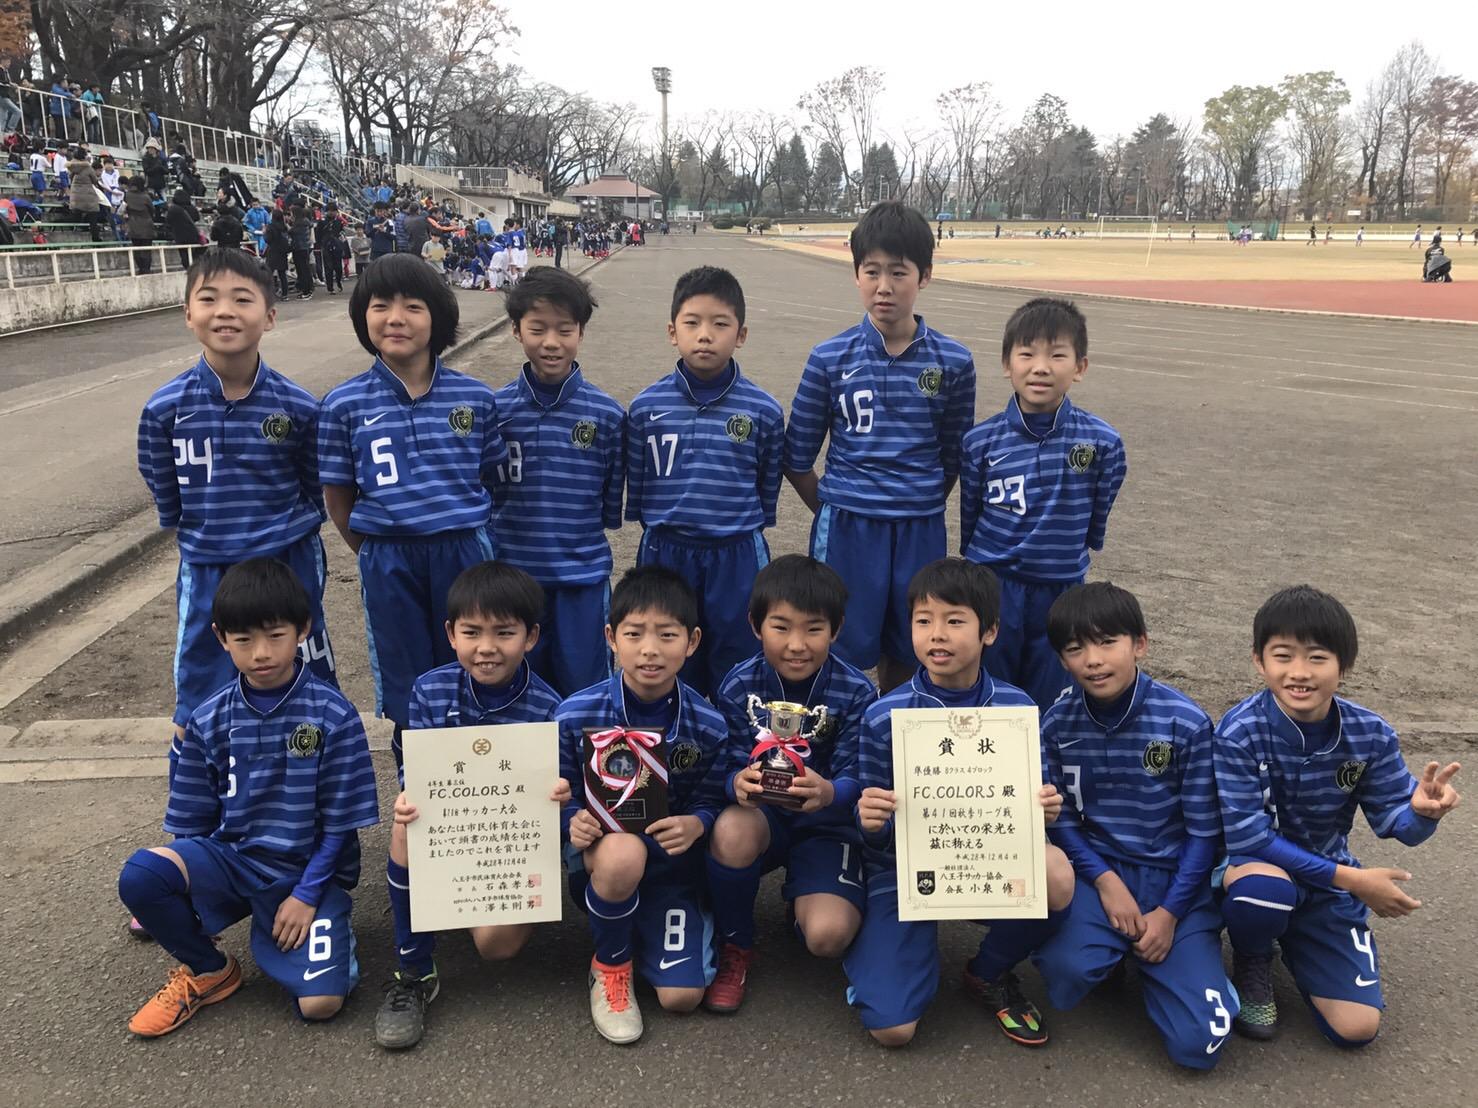 4年生 市民大会・秋季リーグ表彰式